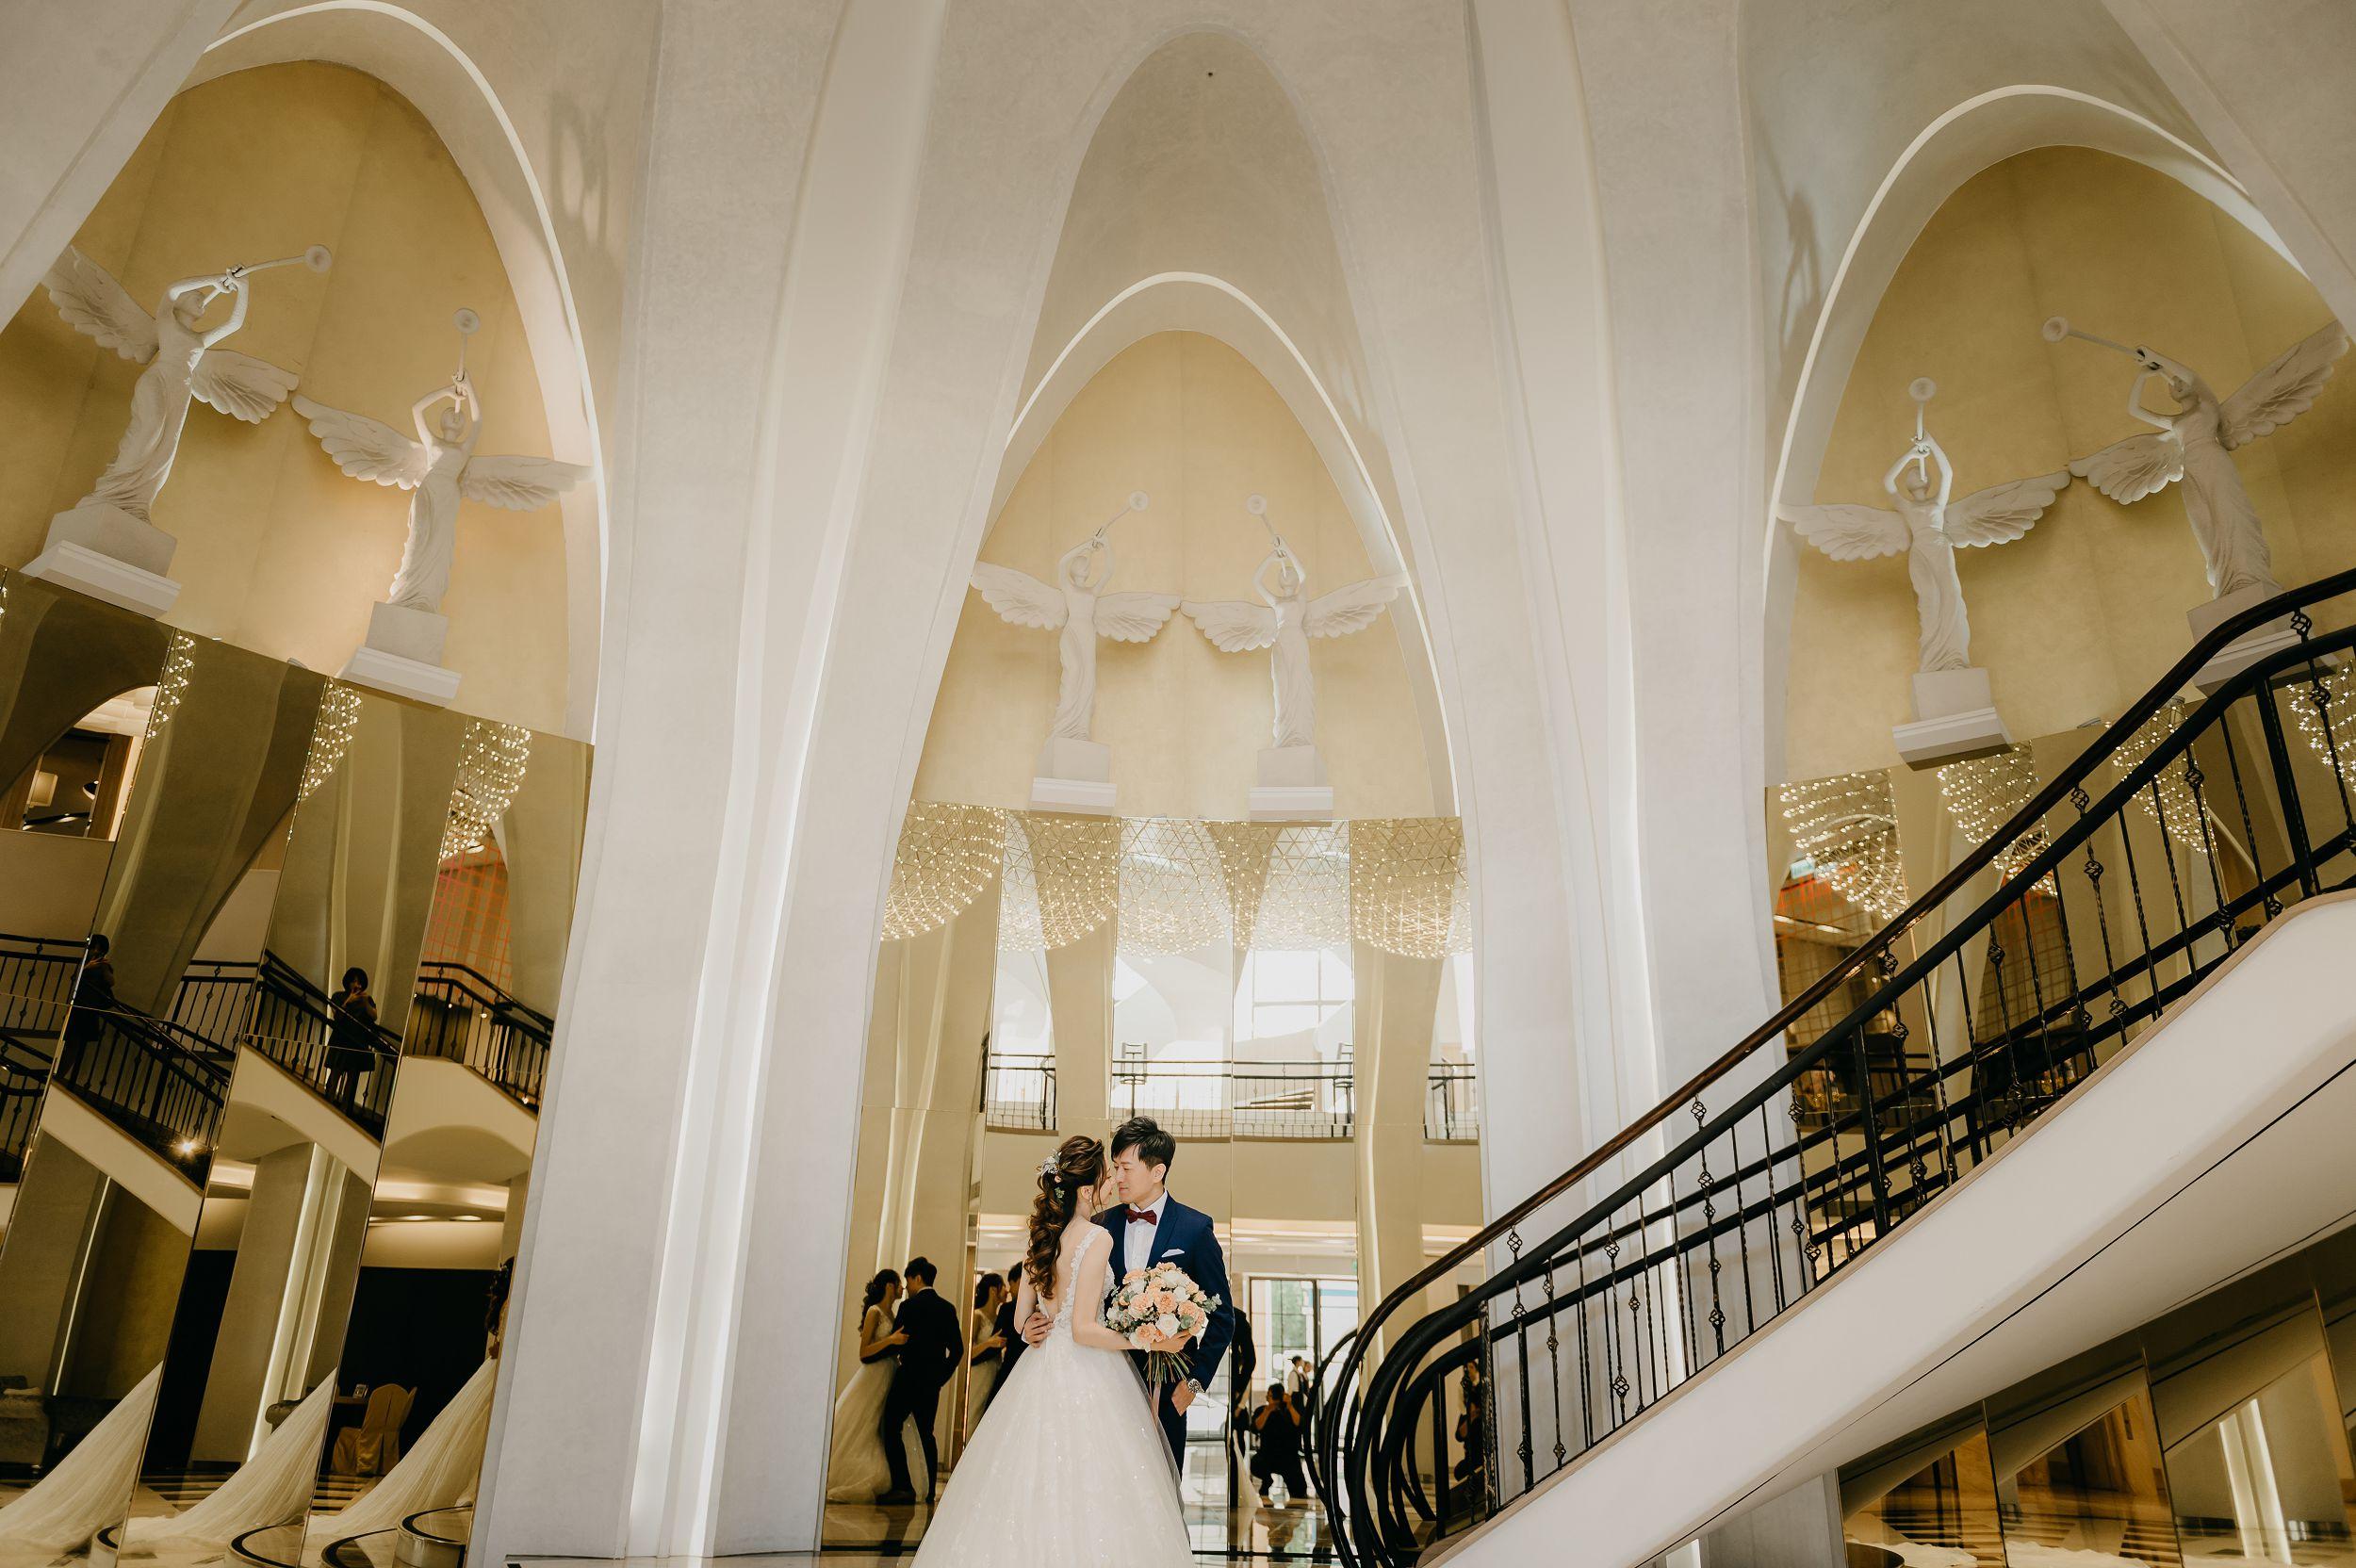 桃園晶宴,雙機攝影,婚攝,婚禮紀錄,婚禮攝影,新秘,婚佈,新娘物語推薦,游阿三,攝影工作室,類婚紗,證婚,儀式,自然互動,抓拍